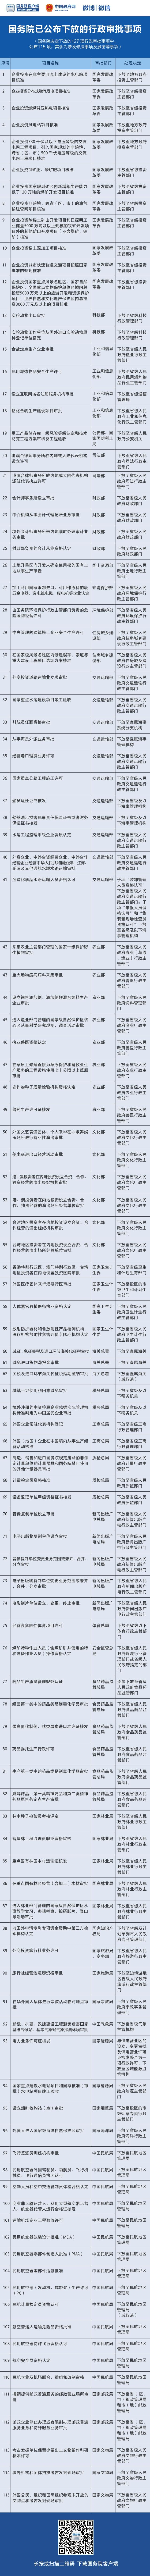 (注:国务院决定下放的127项行政审批事项中,公布115项,其余为涉及修法事项及涉密等事项。)